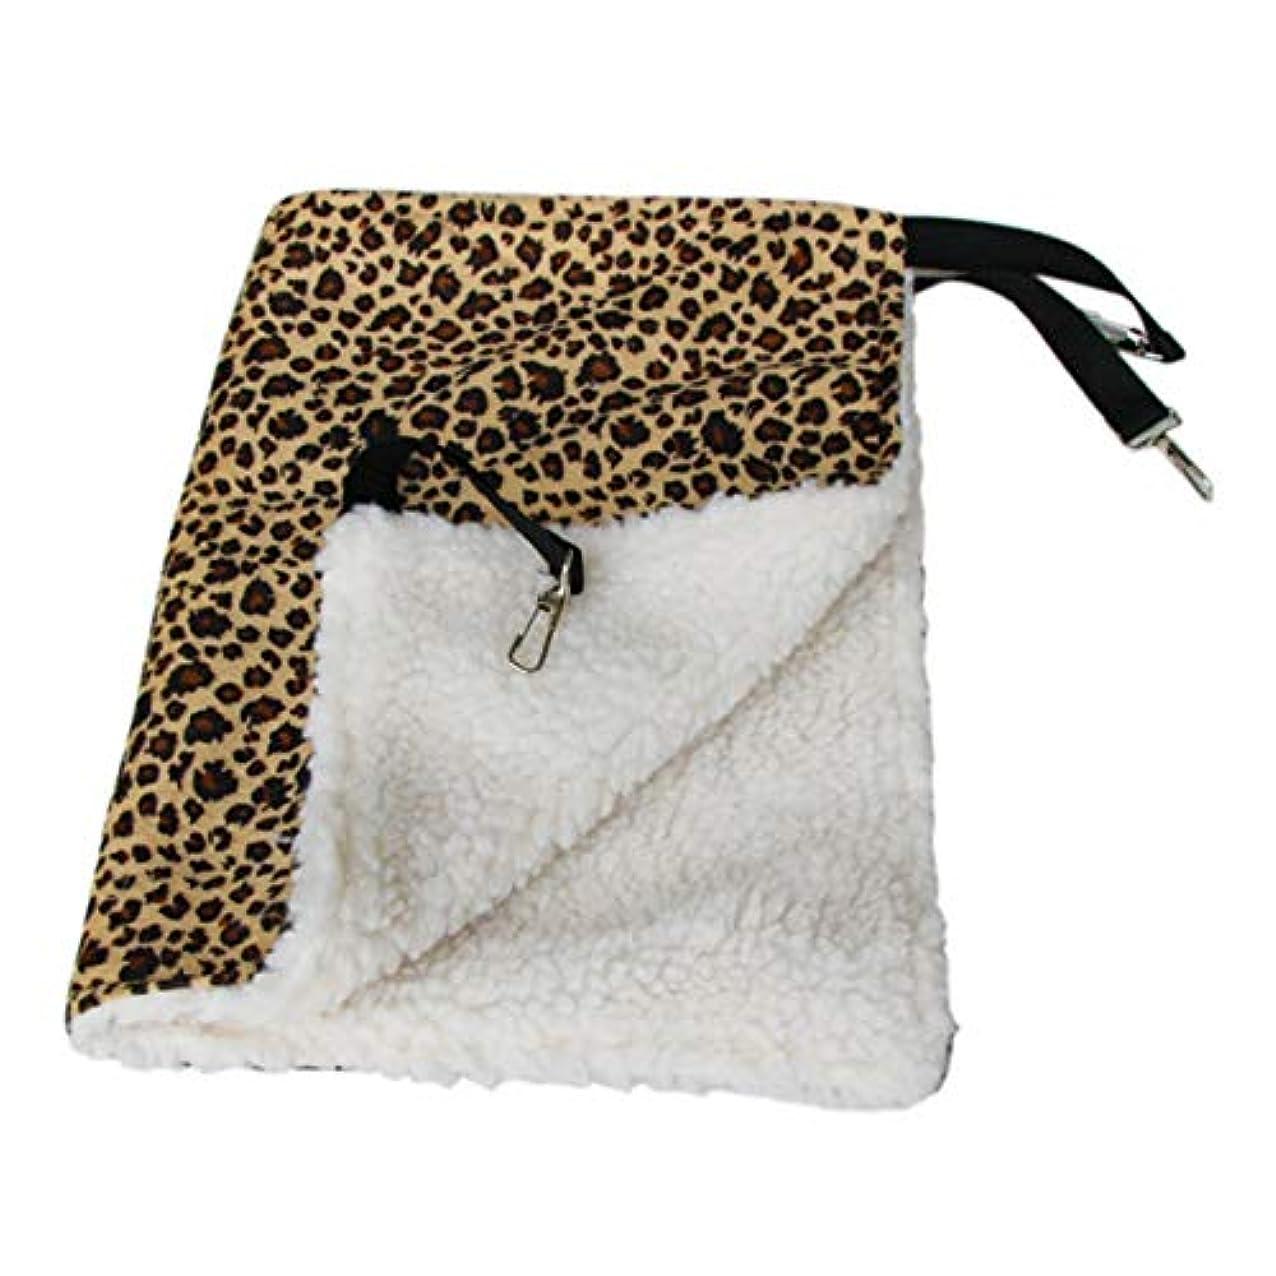 伝統悲鳴関連付けるSaikogoods 暖かいハンギング猫ベッドマットソフトキャットハンモック冬ハンモックペット子猫ケージベッドカバークッションエアベッドペット 黄 L